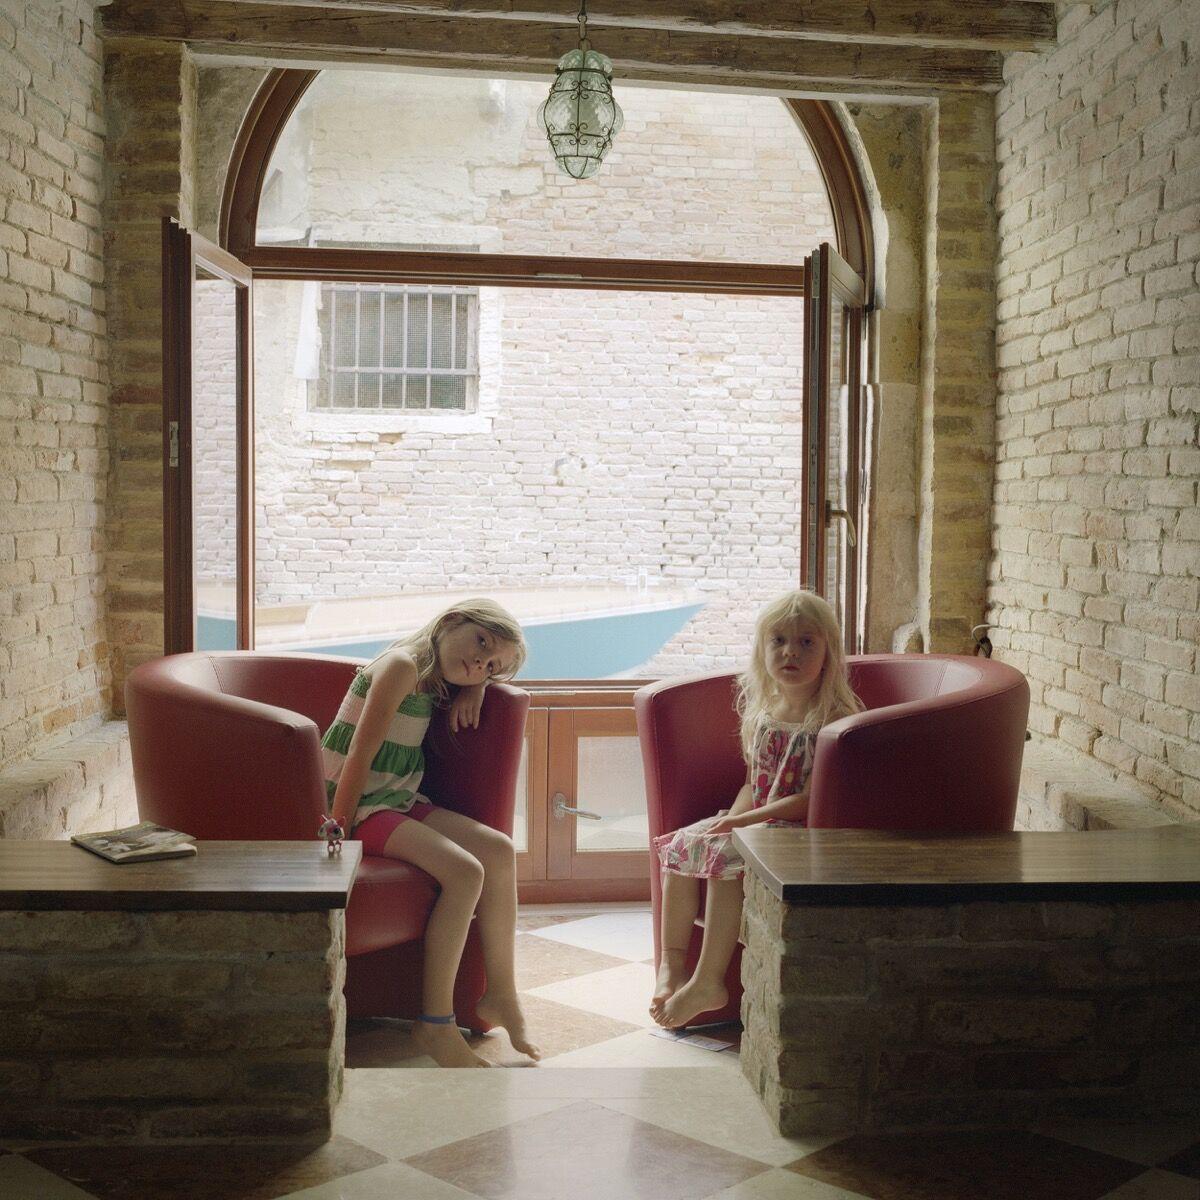 Tanja Hollander, Winona and Delila Wardwell, Venice, Italy, 2013. Courtesy of Tanja Hollander and MASS MoCA.